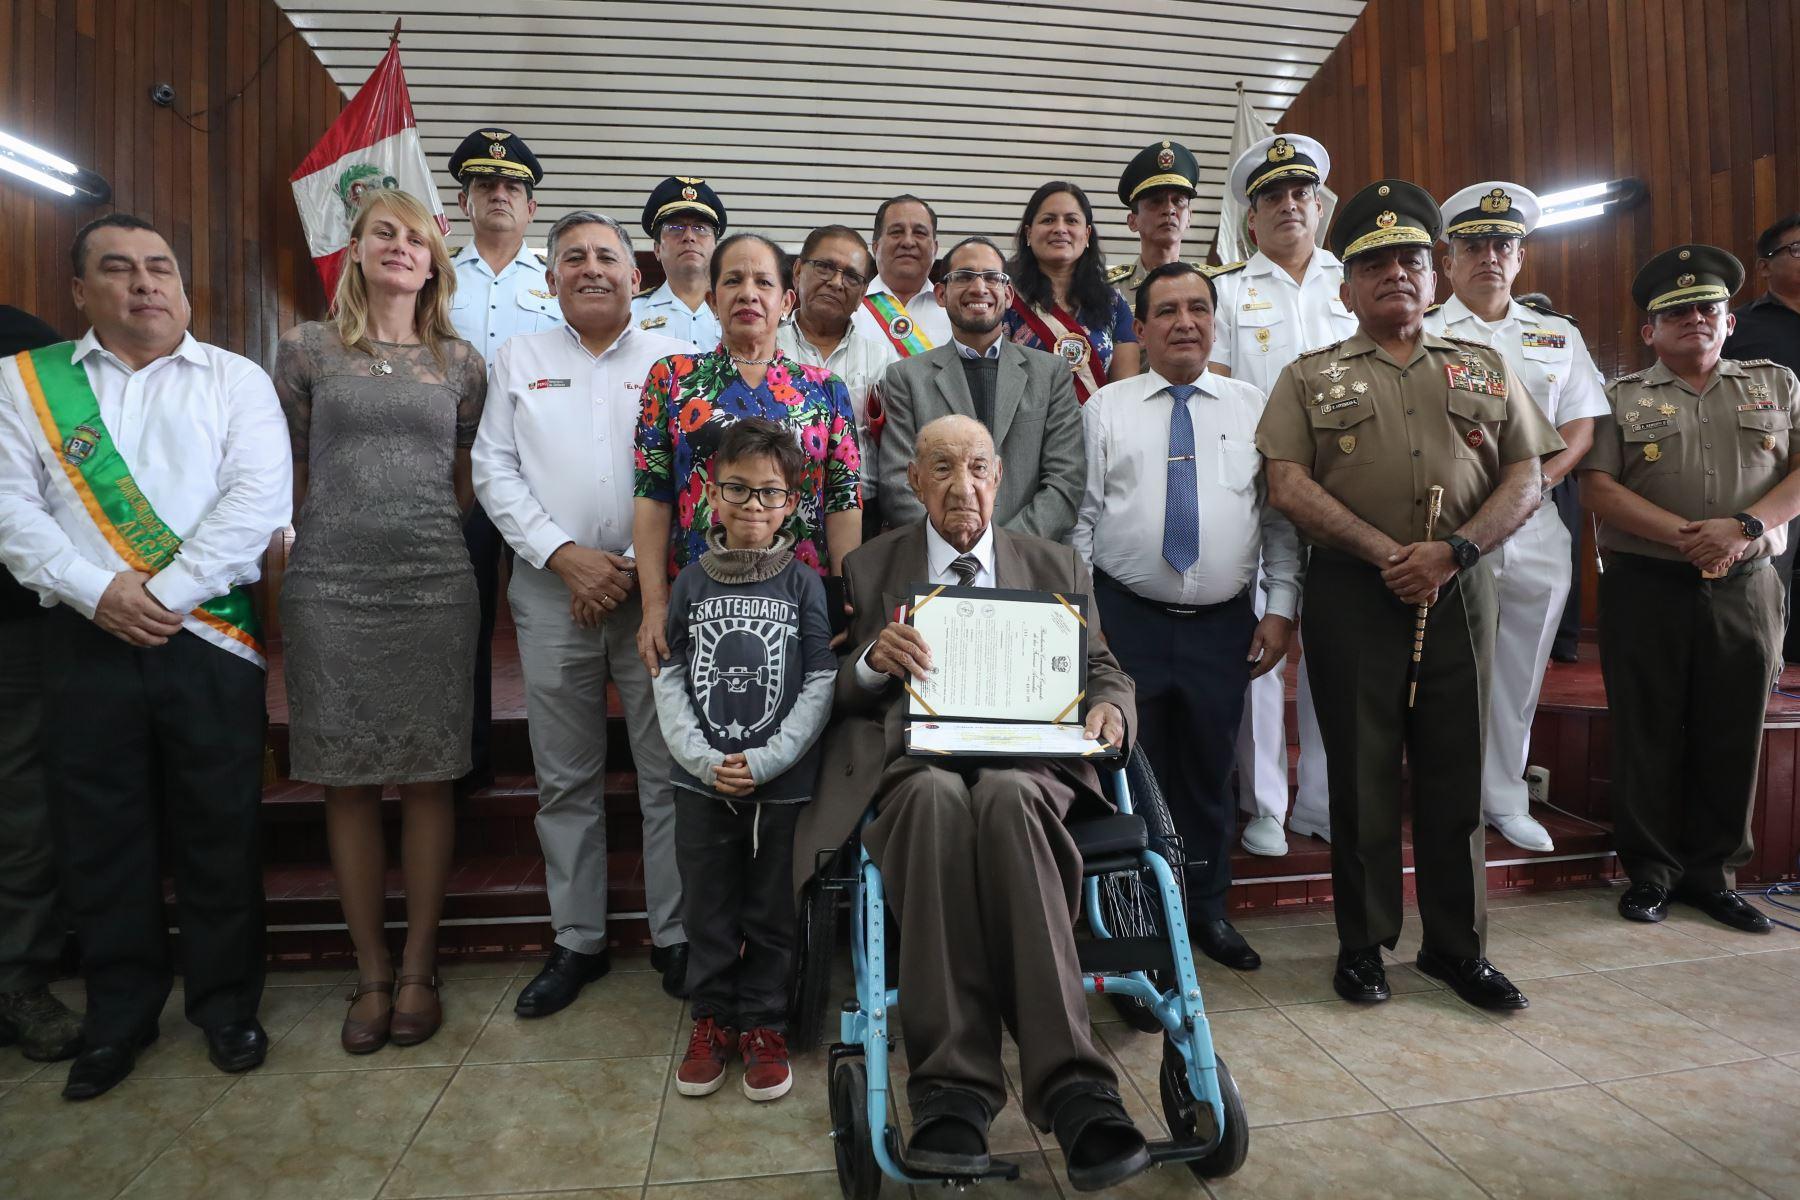 familiares acompañan a Jorge Sanjinez, veterano peruano de la Segunda Guerra Mundial condecorado por el Ministro de Defensa, Jorge Moscoso. Foto: MINDEF